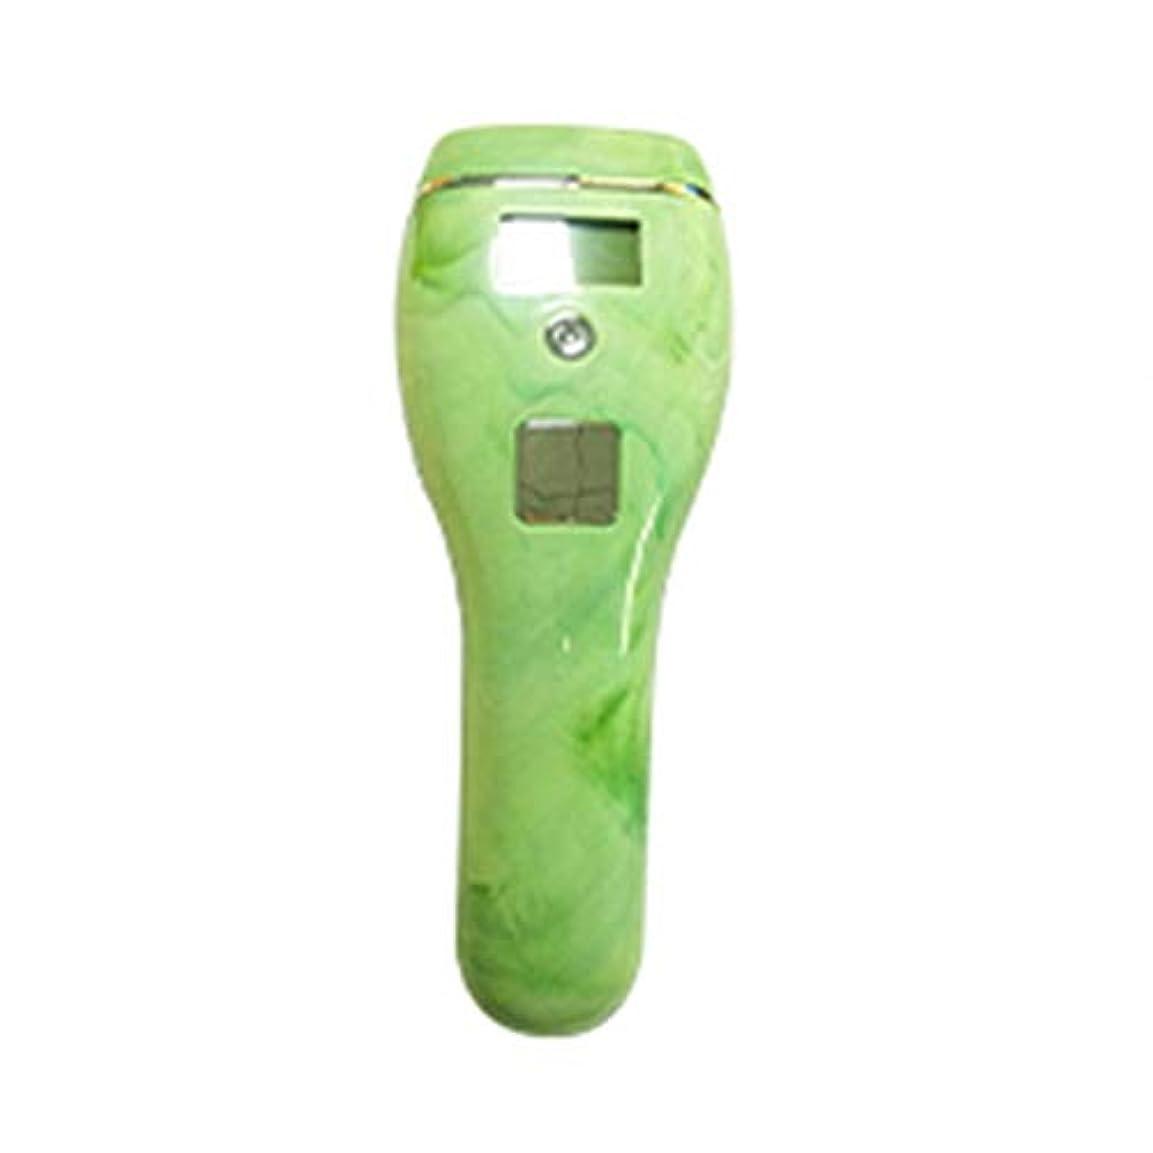 放散する家主スペルIku夫 自動肌のカラーセンシング、グリーン、5速調整、クォーツチューブ、携帯用痛みのない全身凍結乾燥用除湿器、サイズ19x7x5cm (Color : Green)